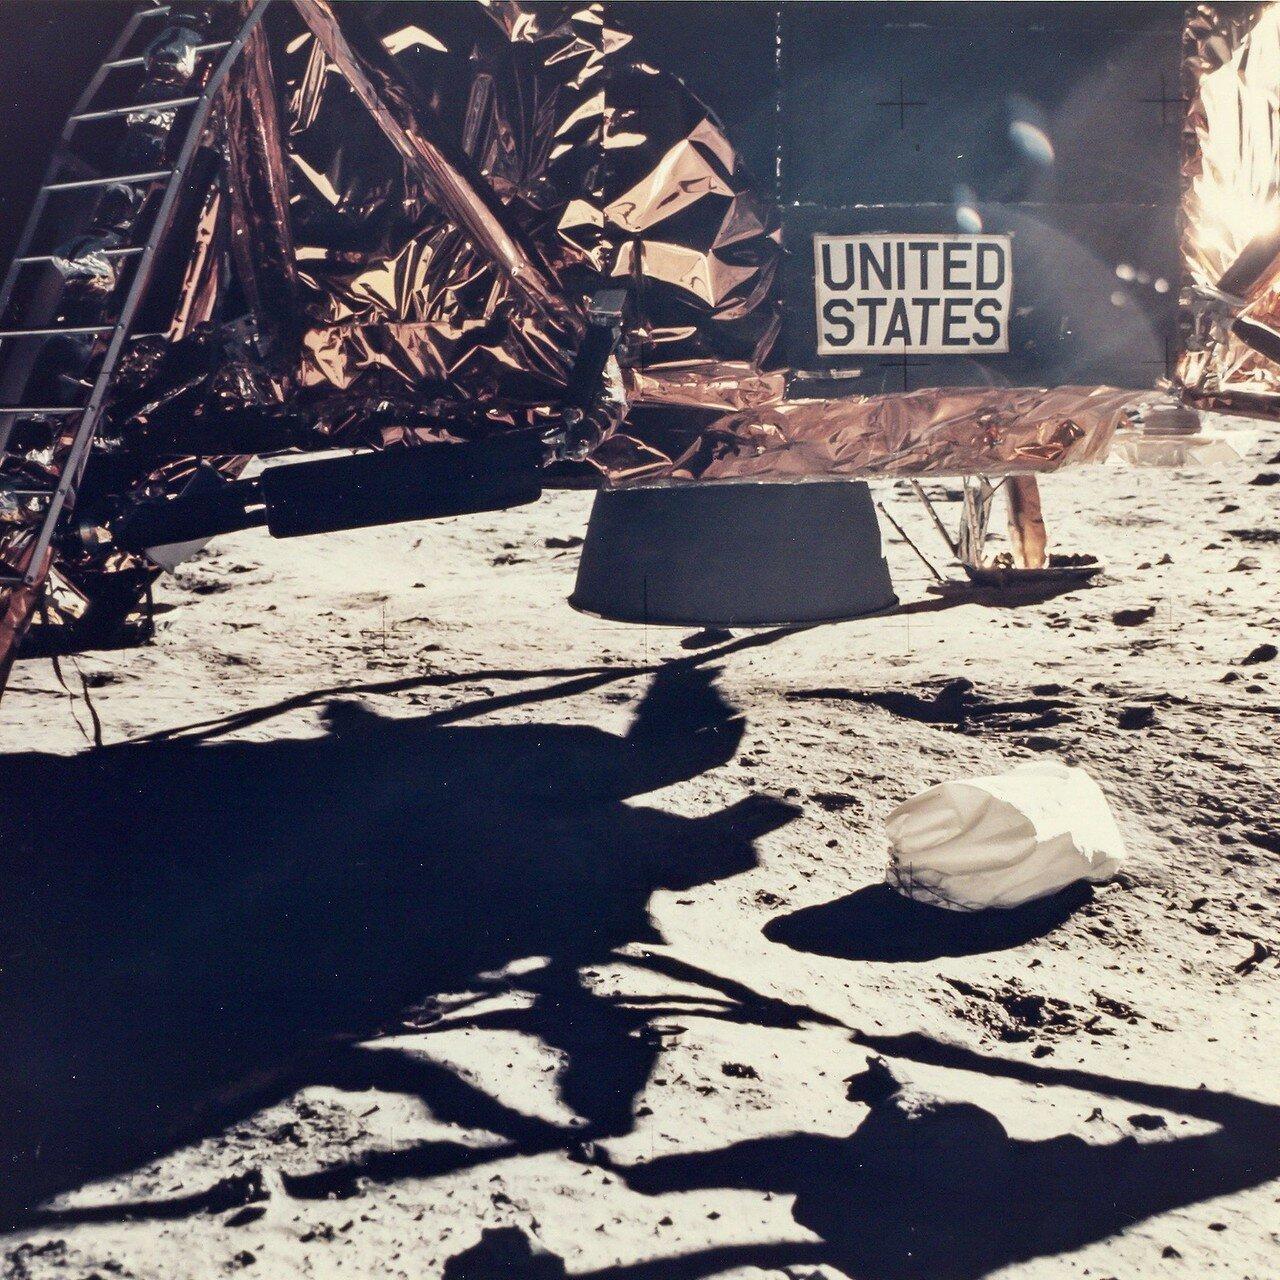 В течение первых двух часов пребывания на Луне Нил Армстронг и Эдвин Олдрин были заняты имитацией предстартовой подготовки. На снимке: Астронавт Базз Олдрин выходит из Лунного Модуля «Орел»